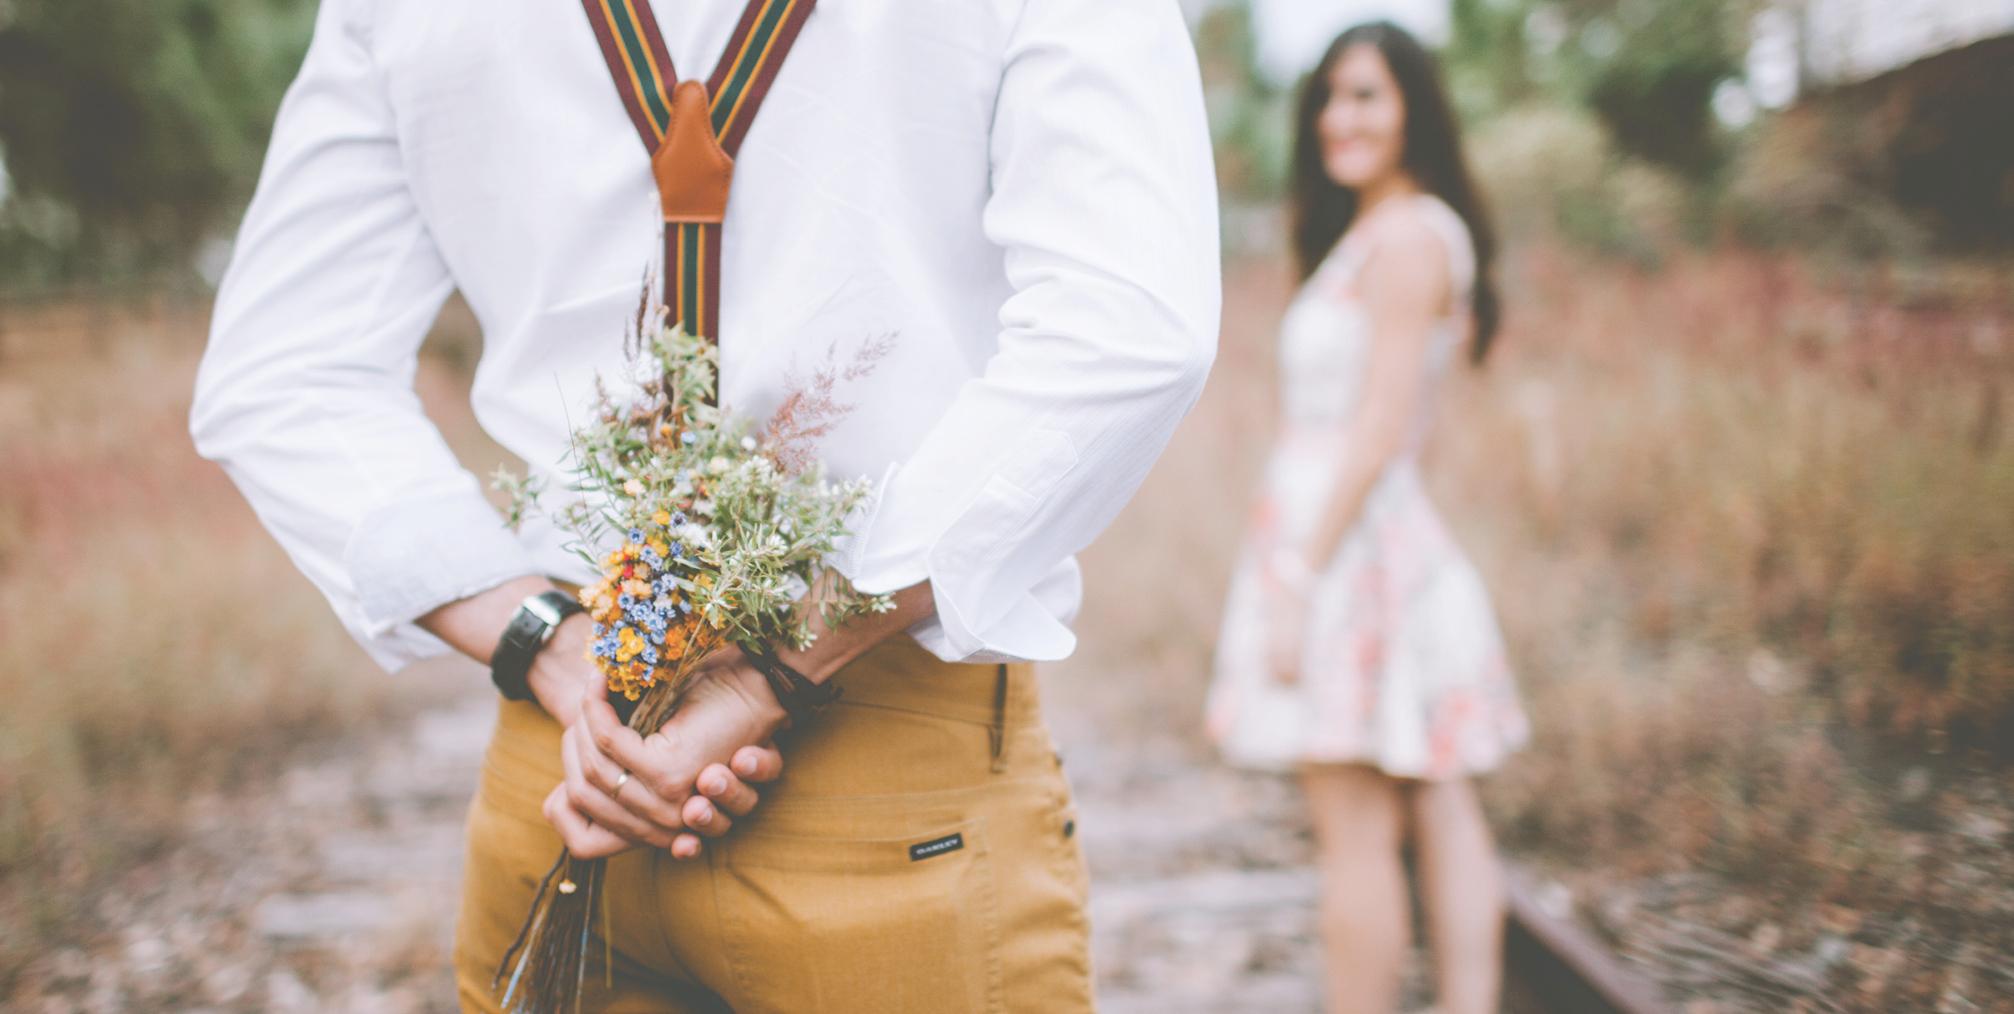 Bryllupsplanlegging forlovet nyforlovet planlegge bryllup Marry & Juliet